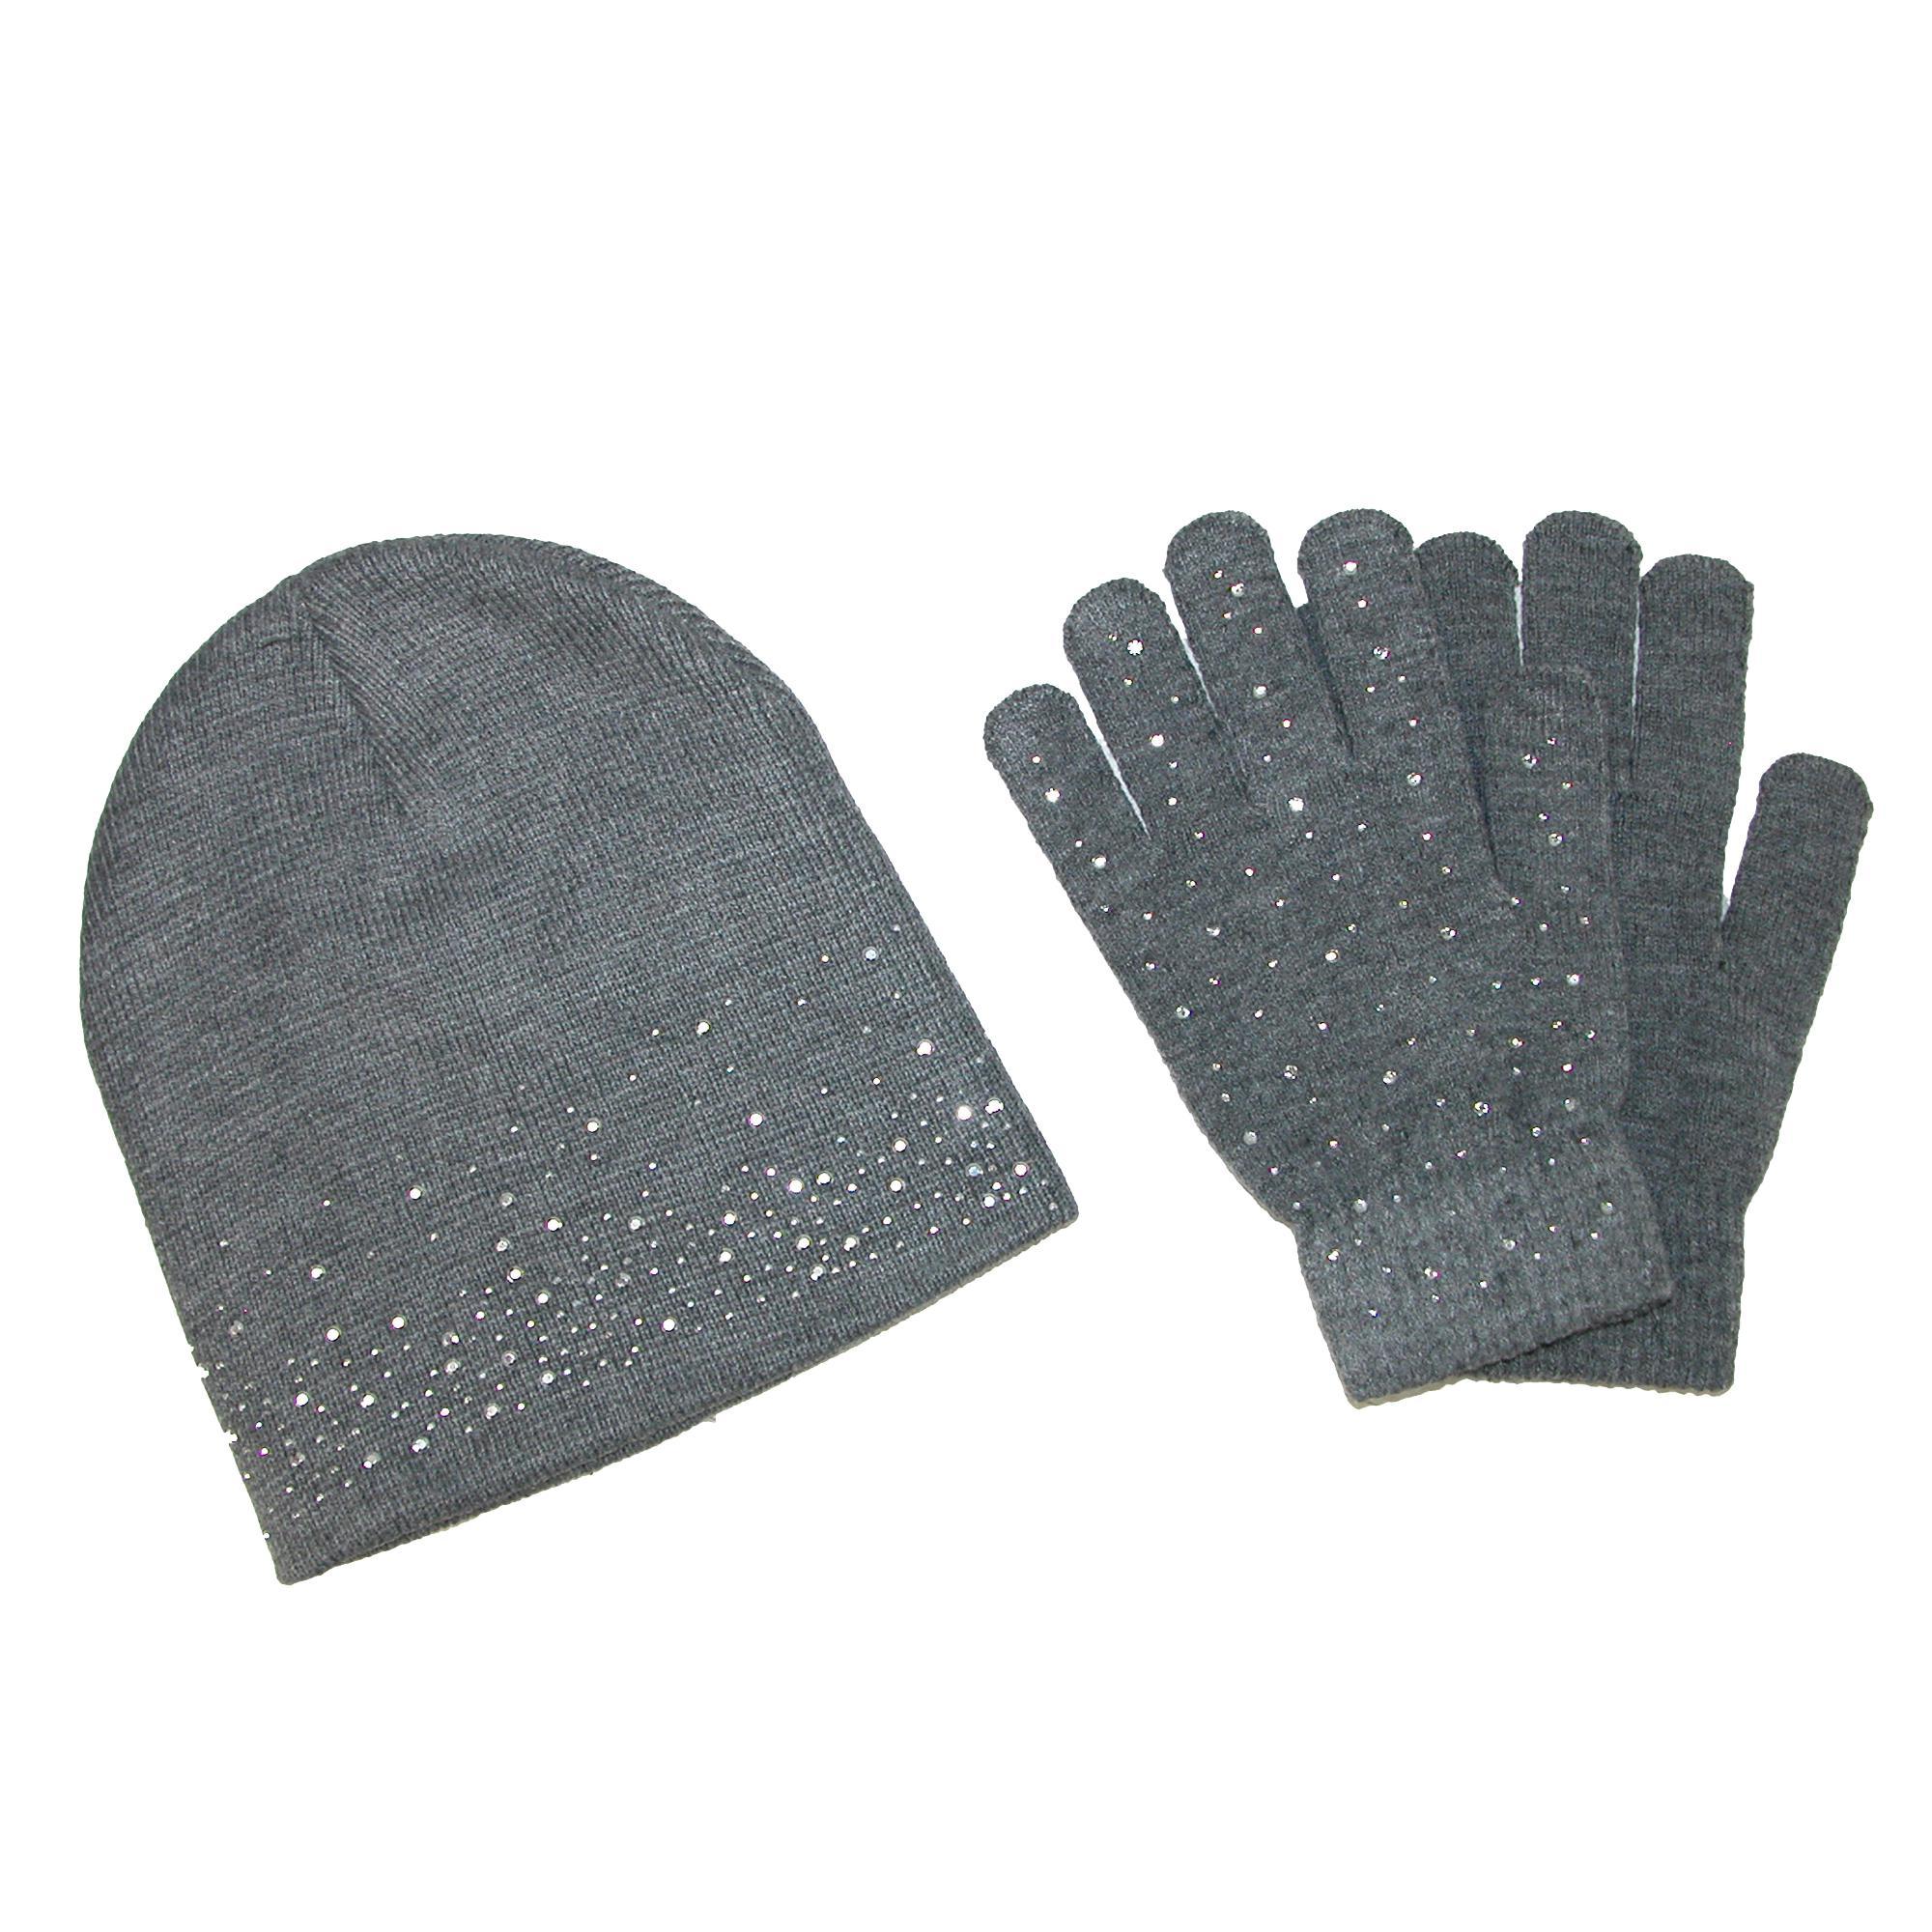 Ctm Womens Rhinestone Hat And Glove Set